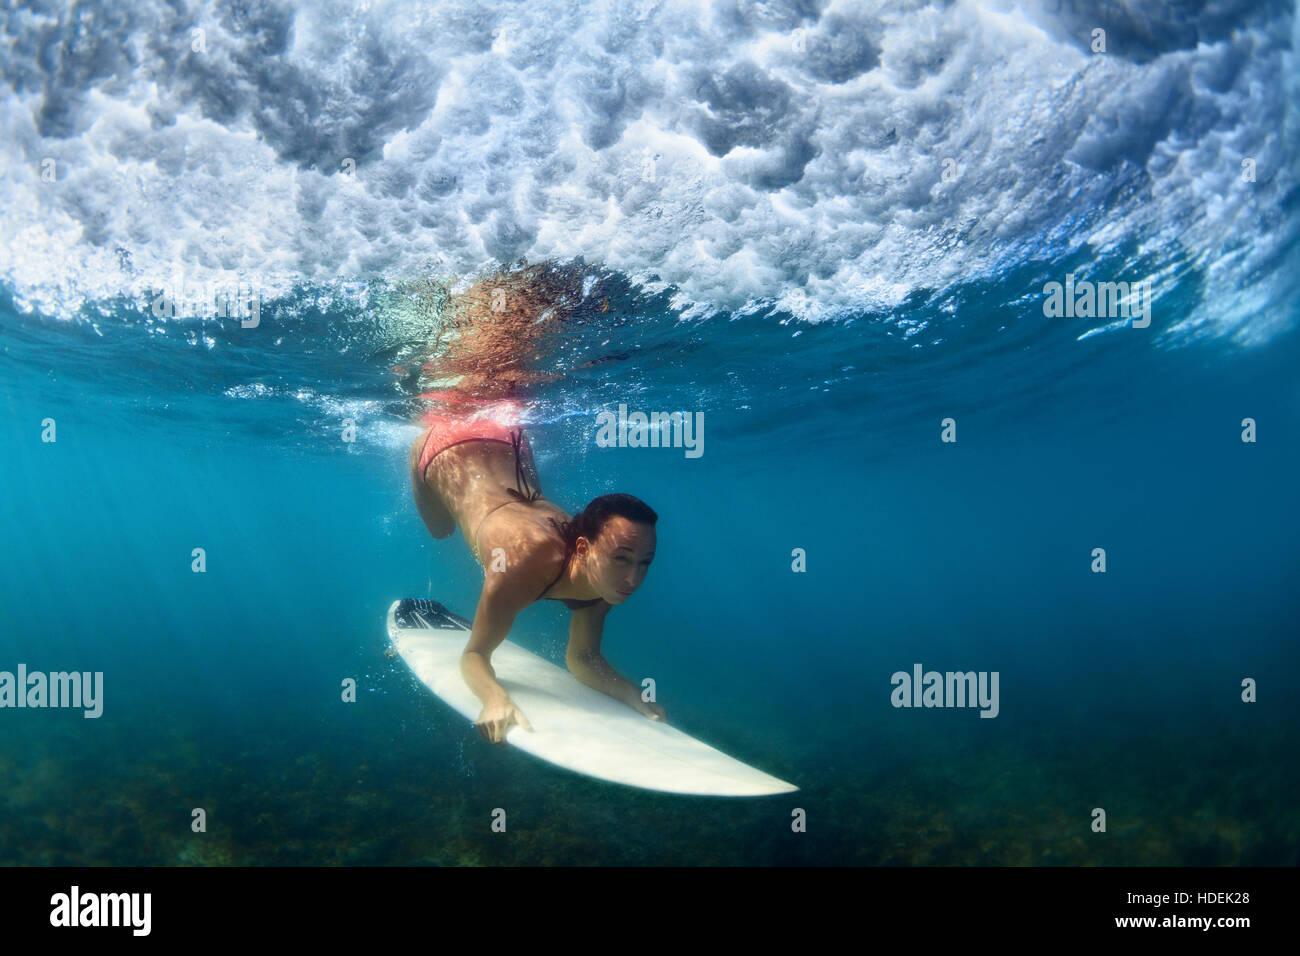 Girl in bikini surf en action. Surfer avec planche de surf sous-marine Plongée sous breaking wave ocean eau Photo Stock